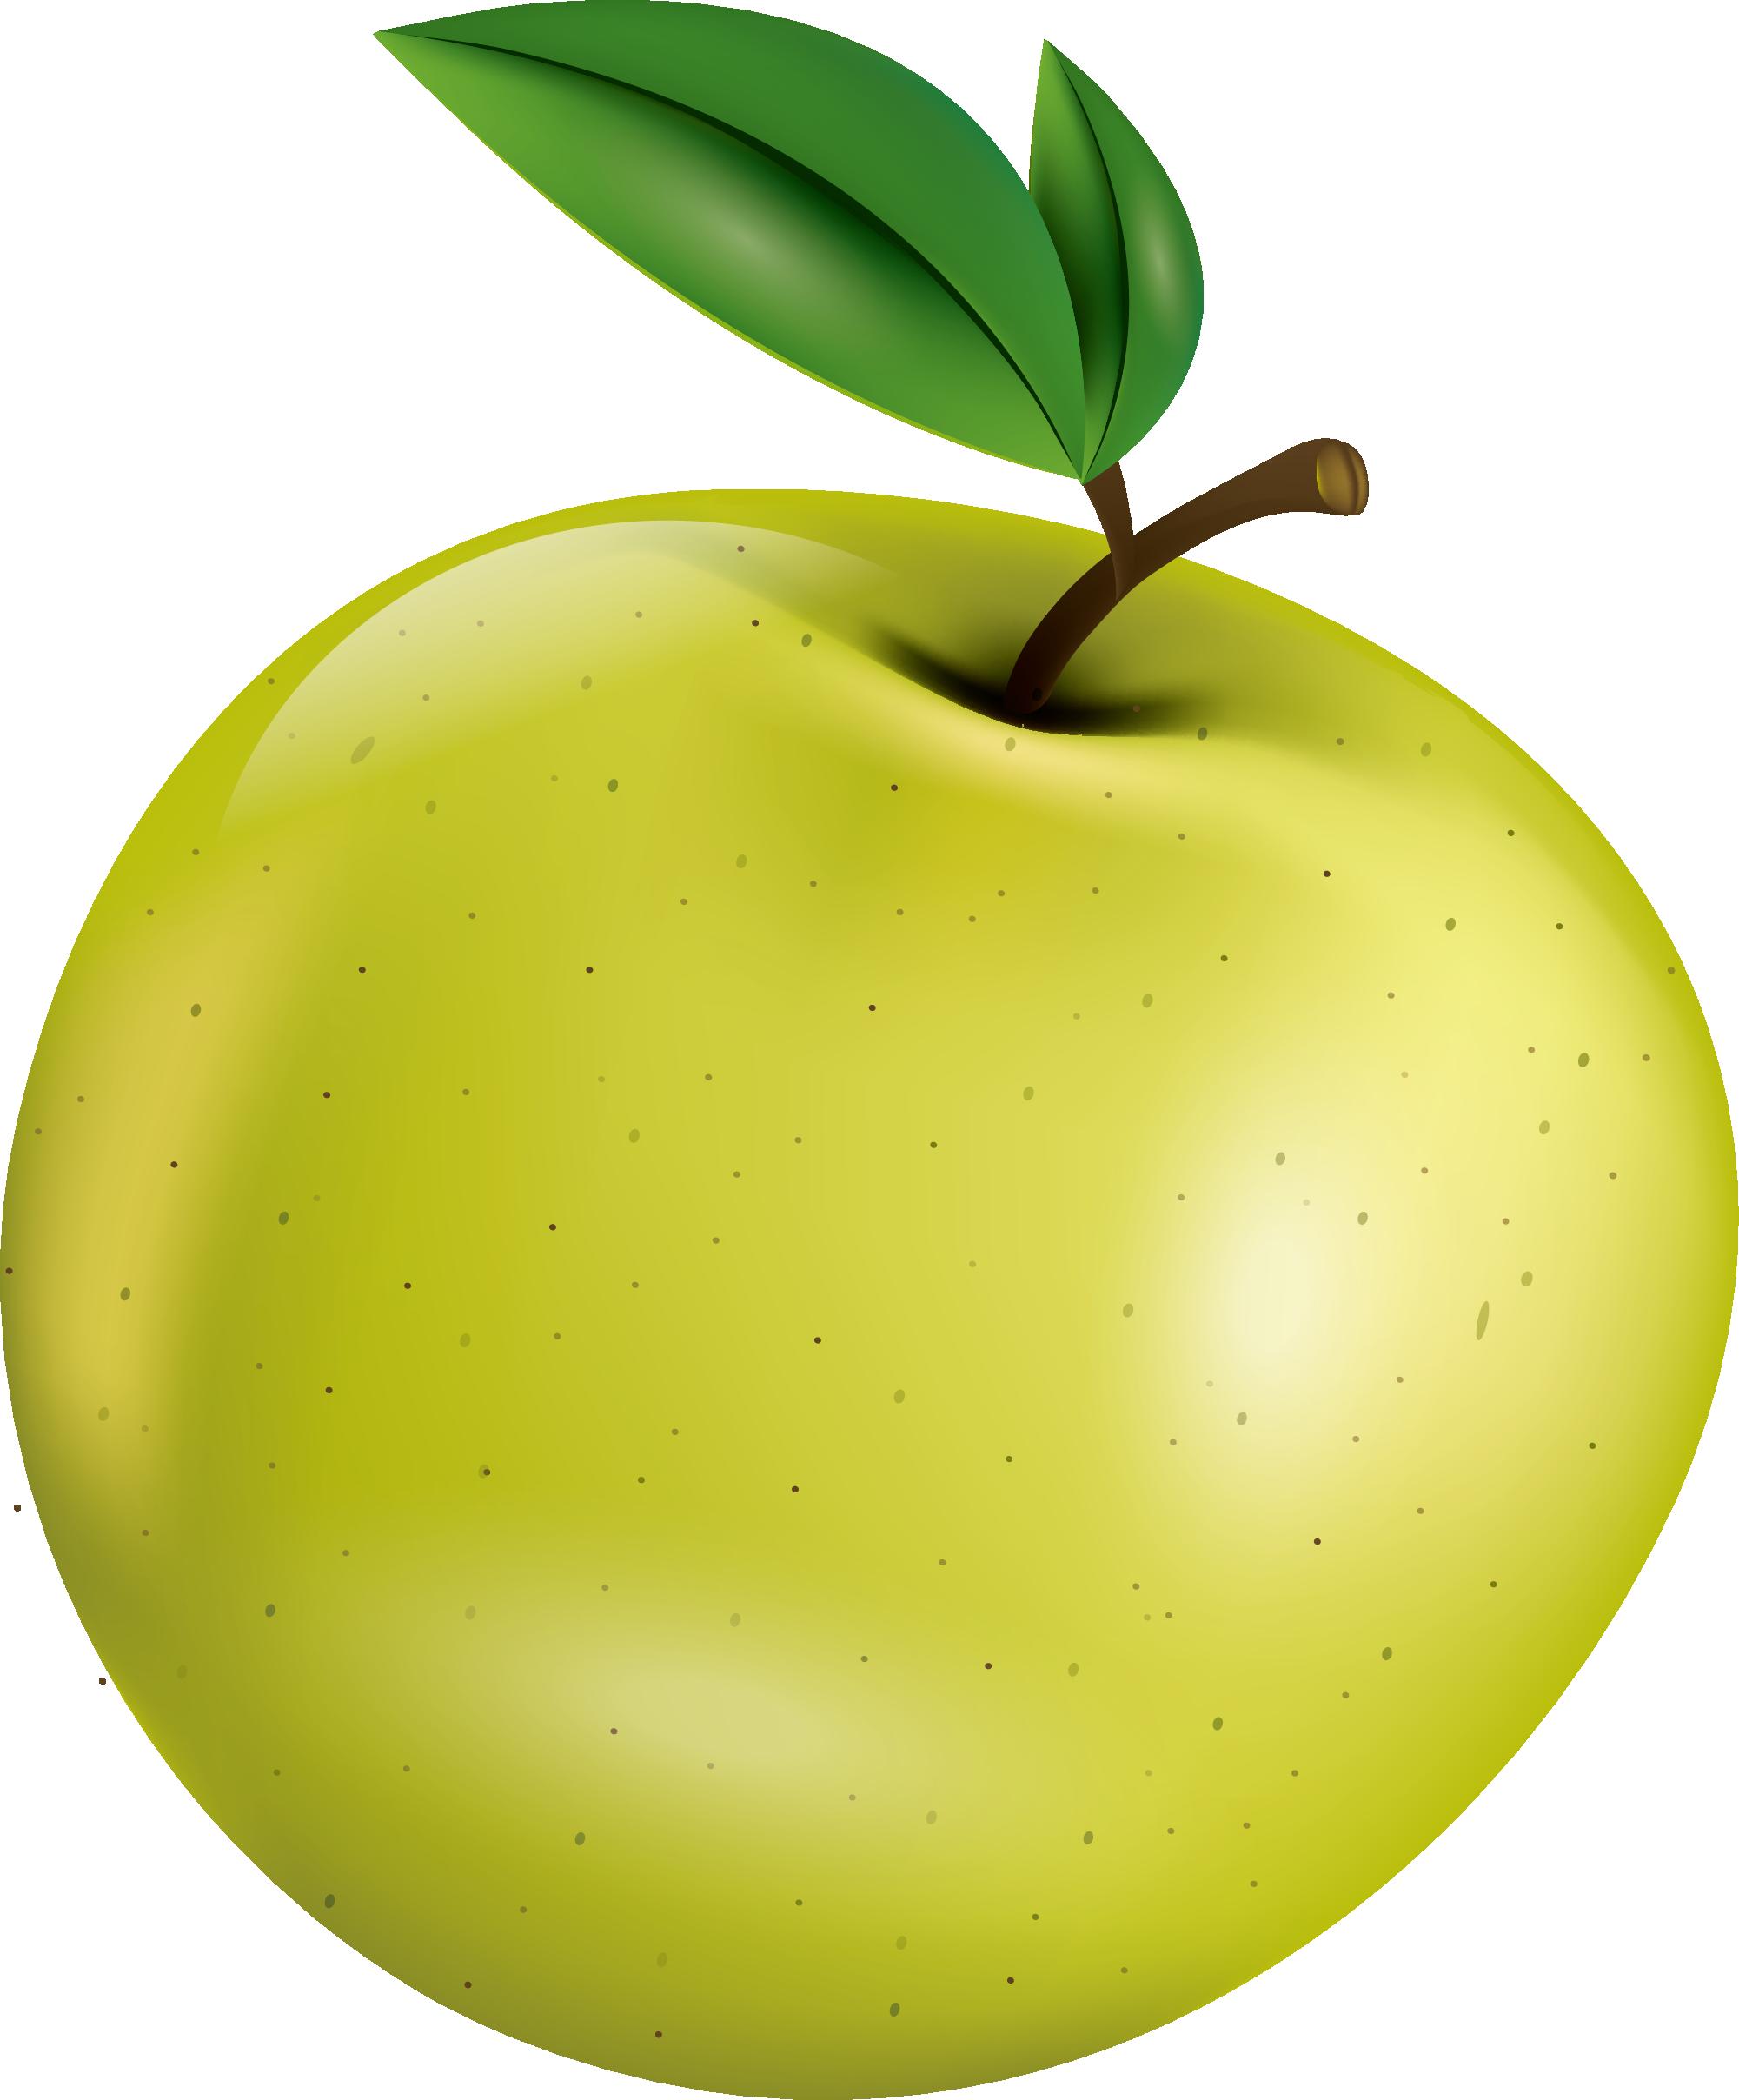 Яблоки картинки красивые для детей, меня все нормально